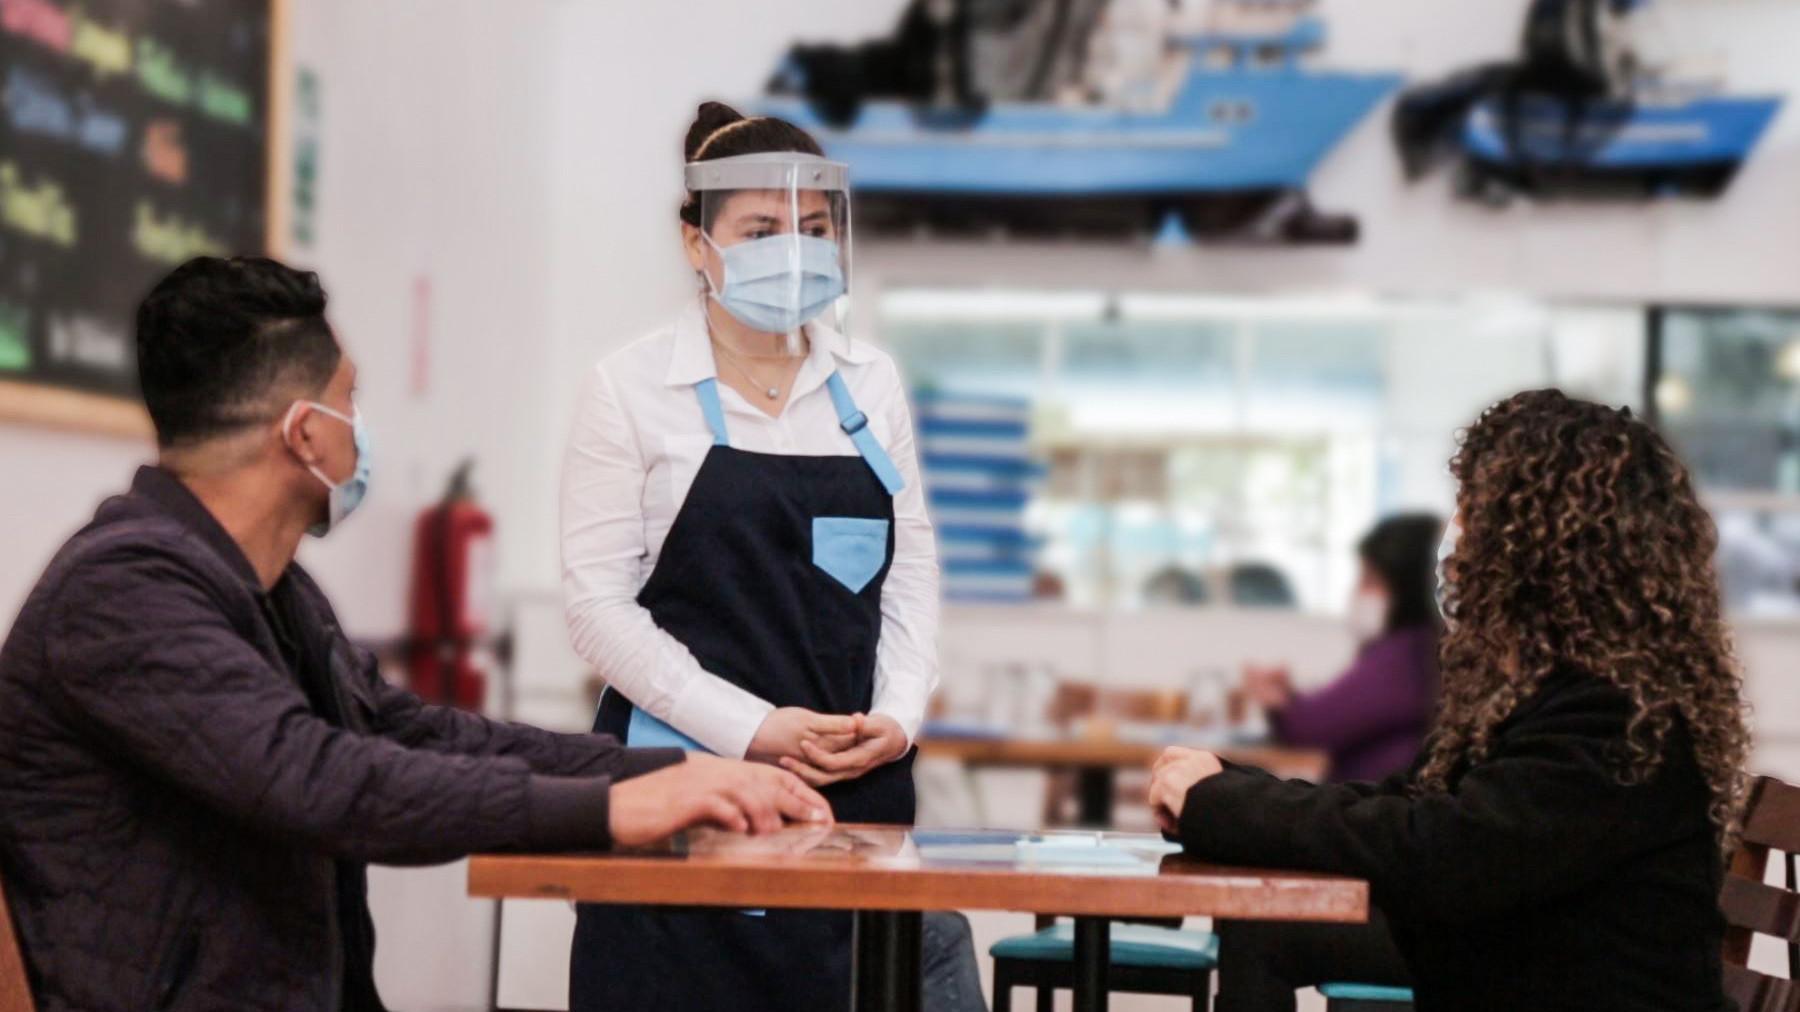 los-restaurantes-se-preparan-para-seguir-sobreviviendo